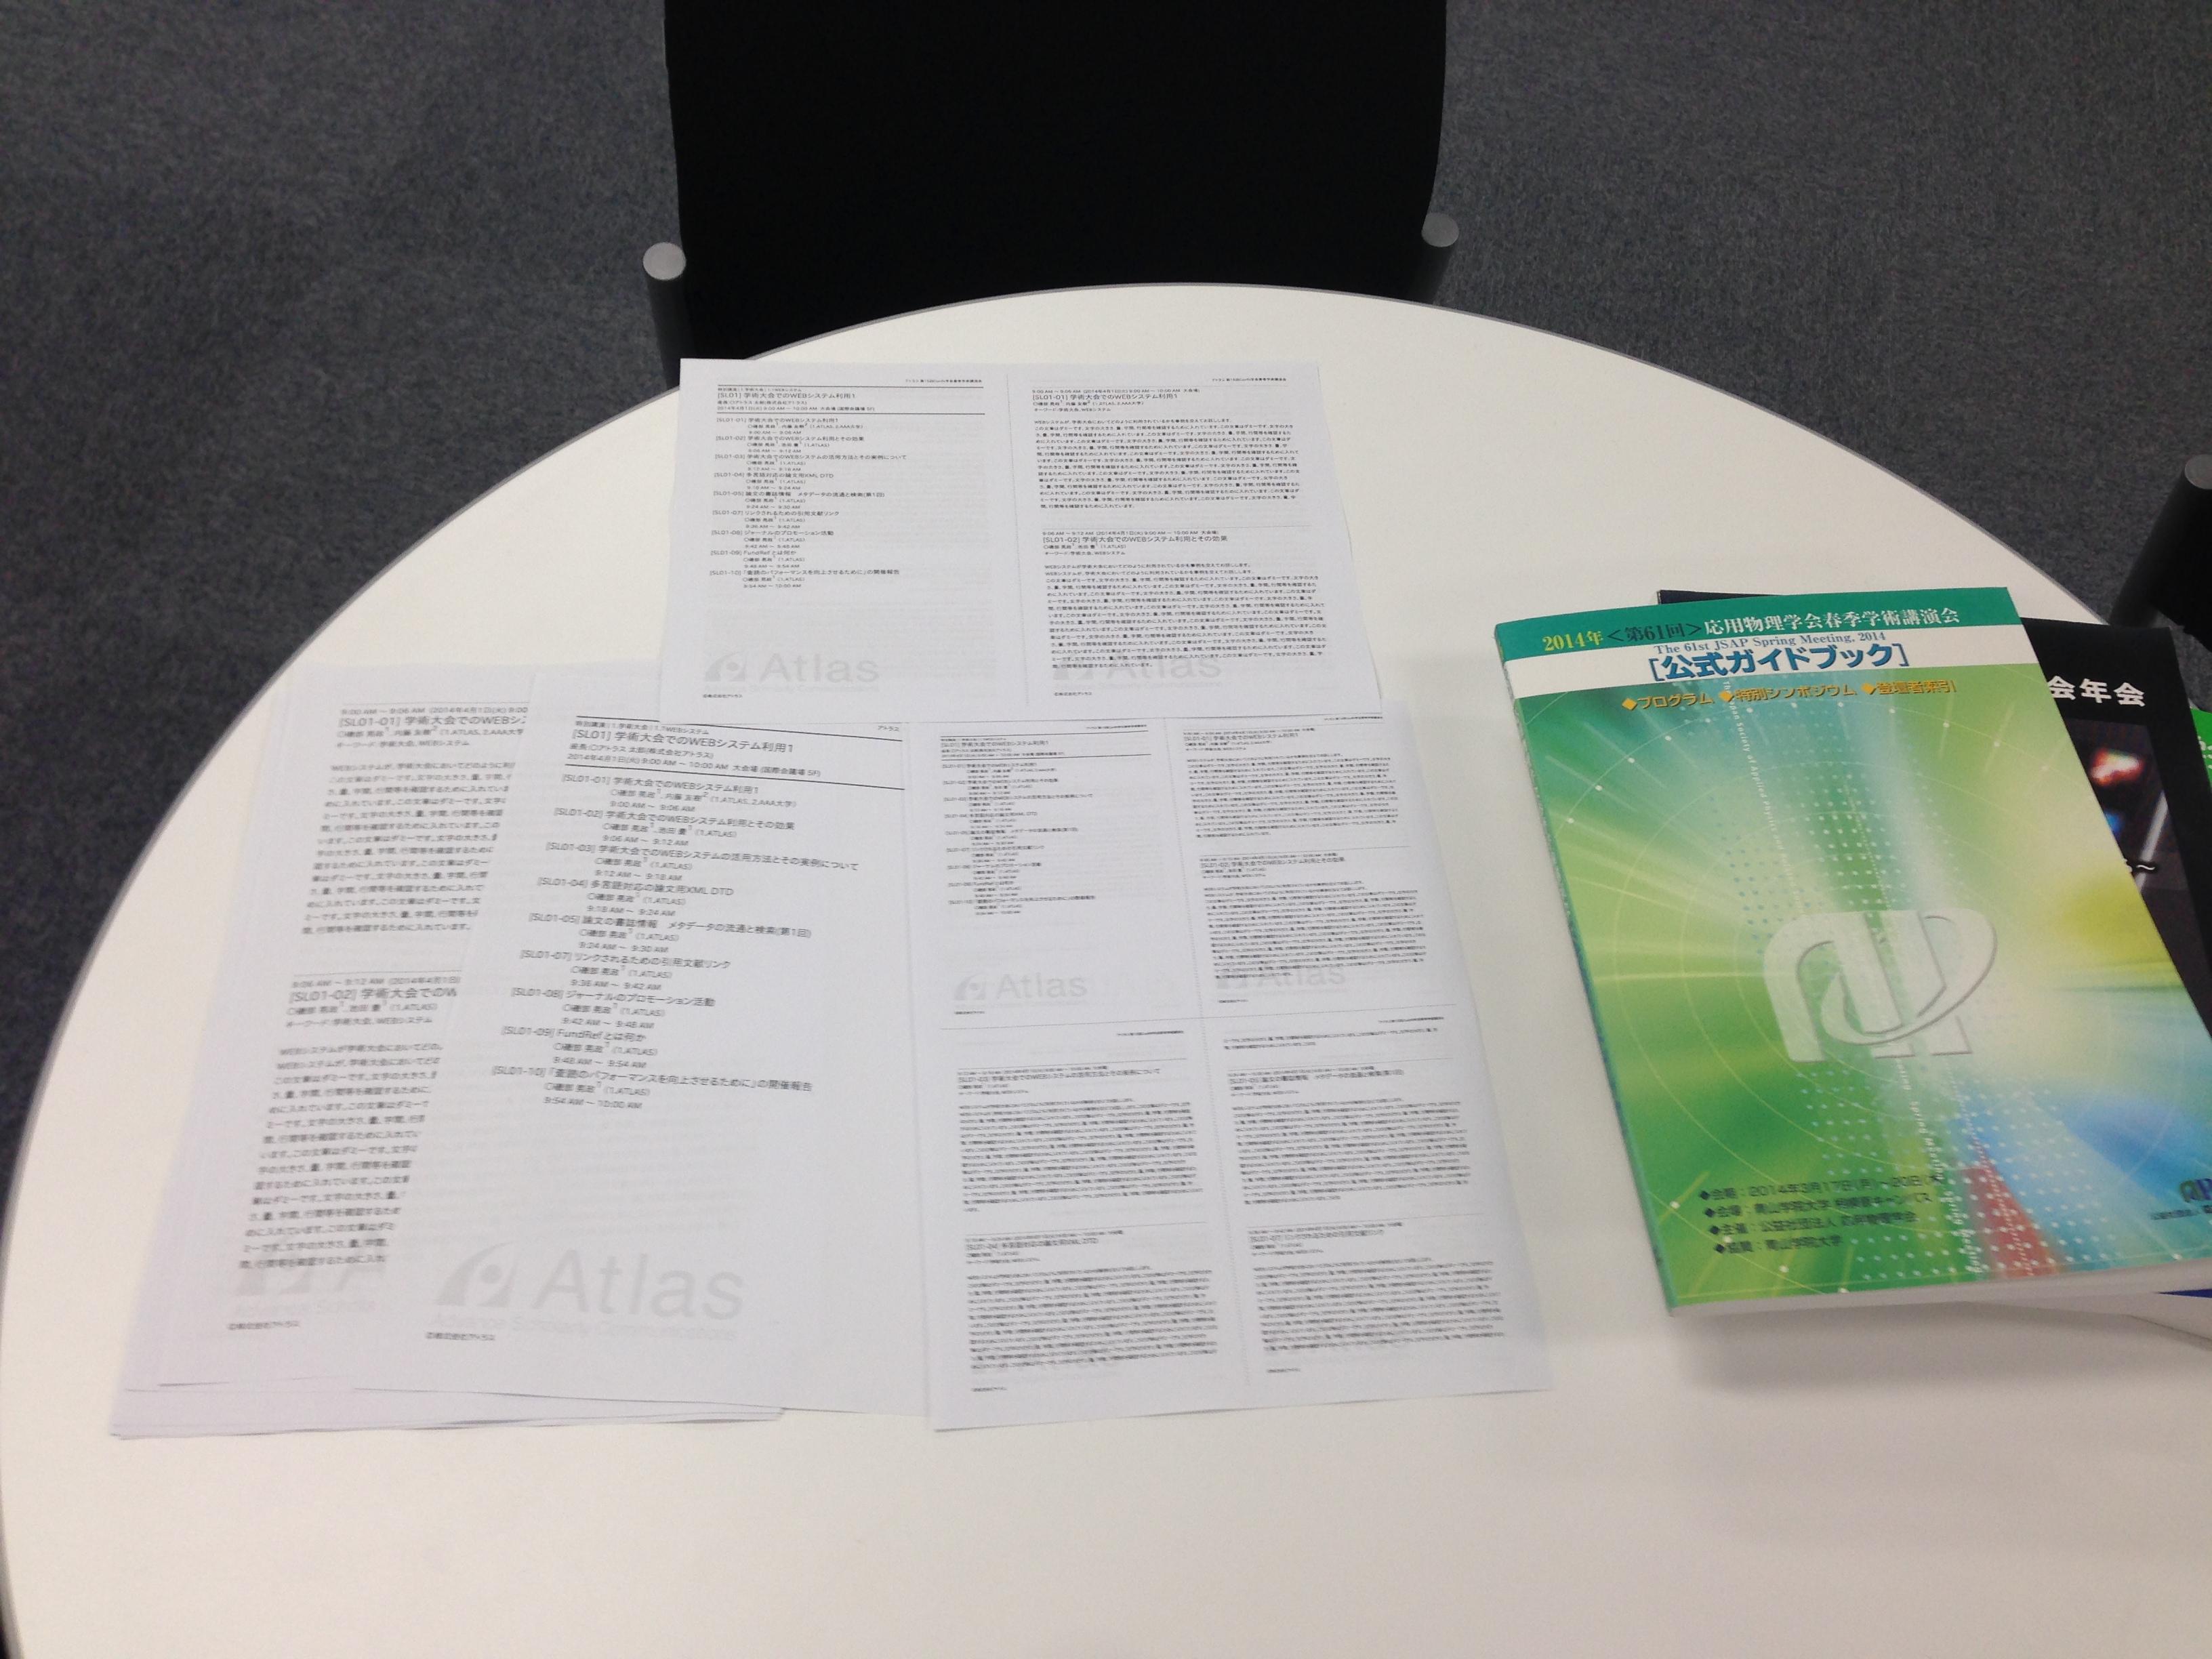 印刷して確認、1ページずつ、2in1、4in1で印刷